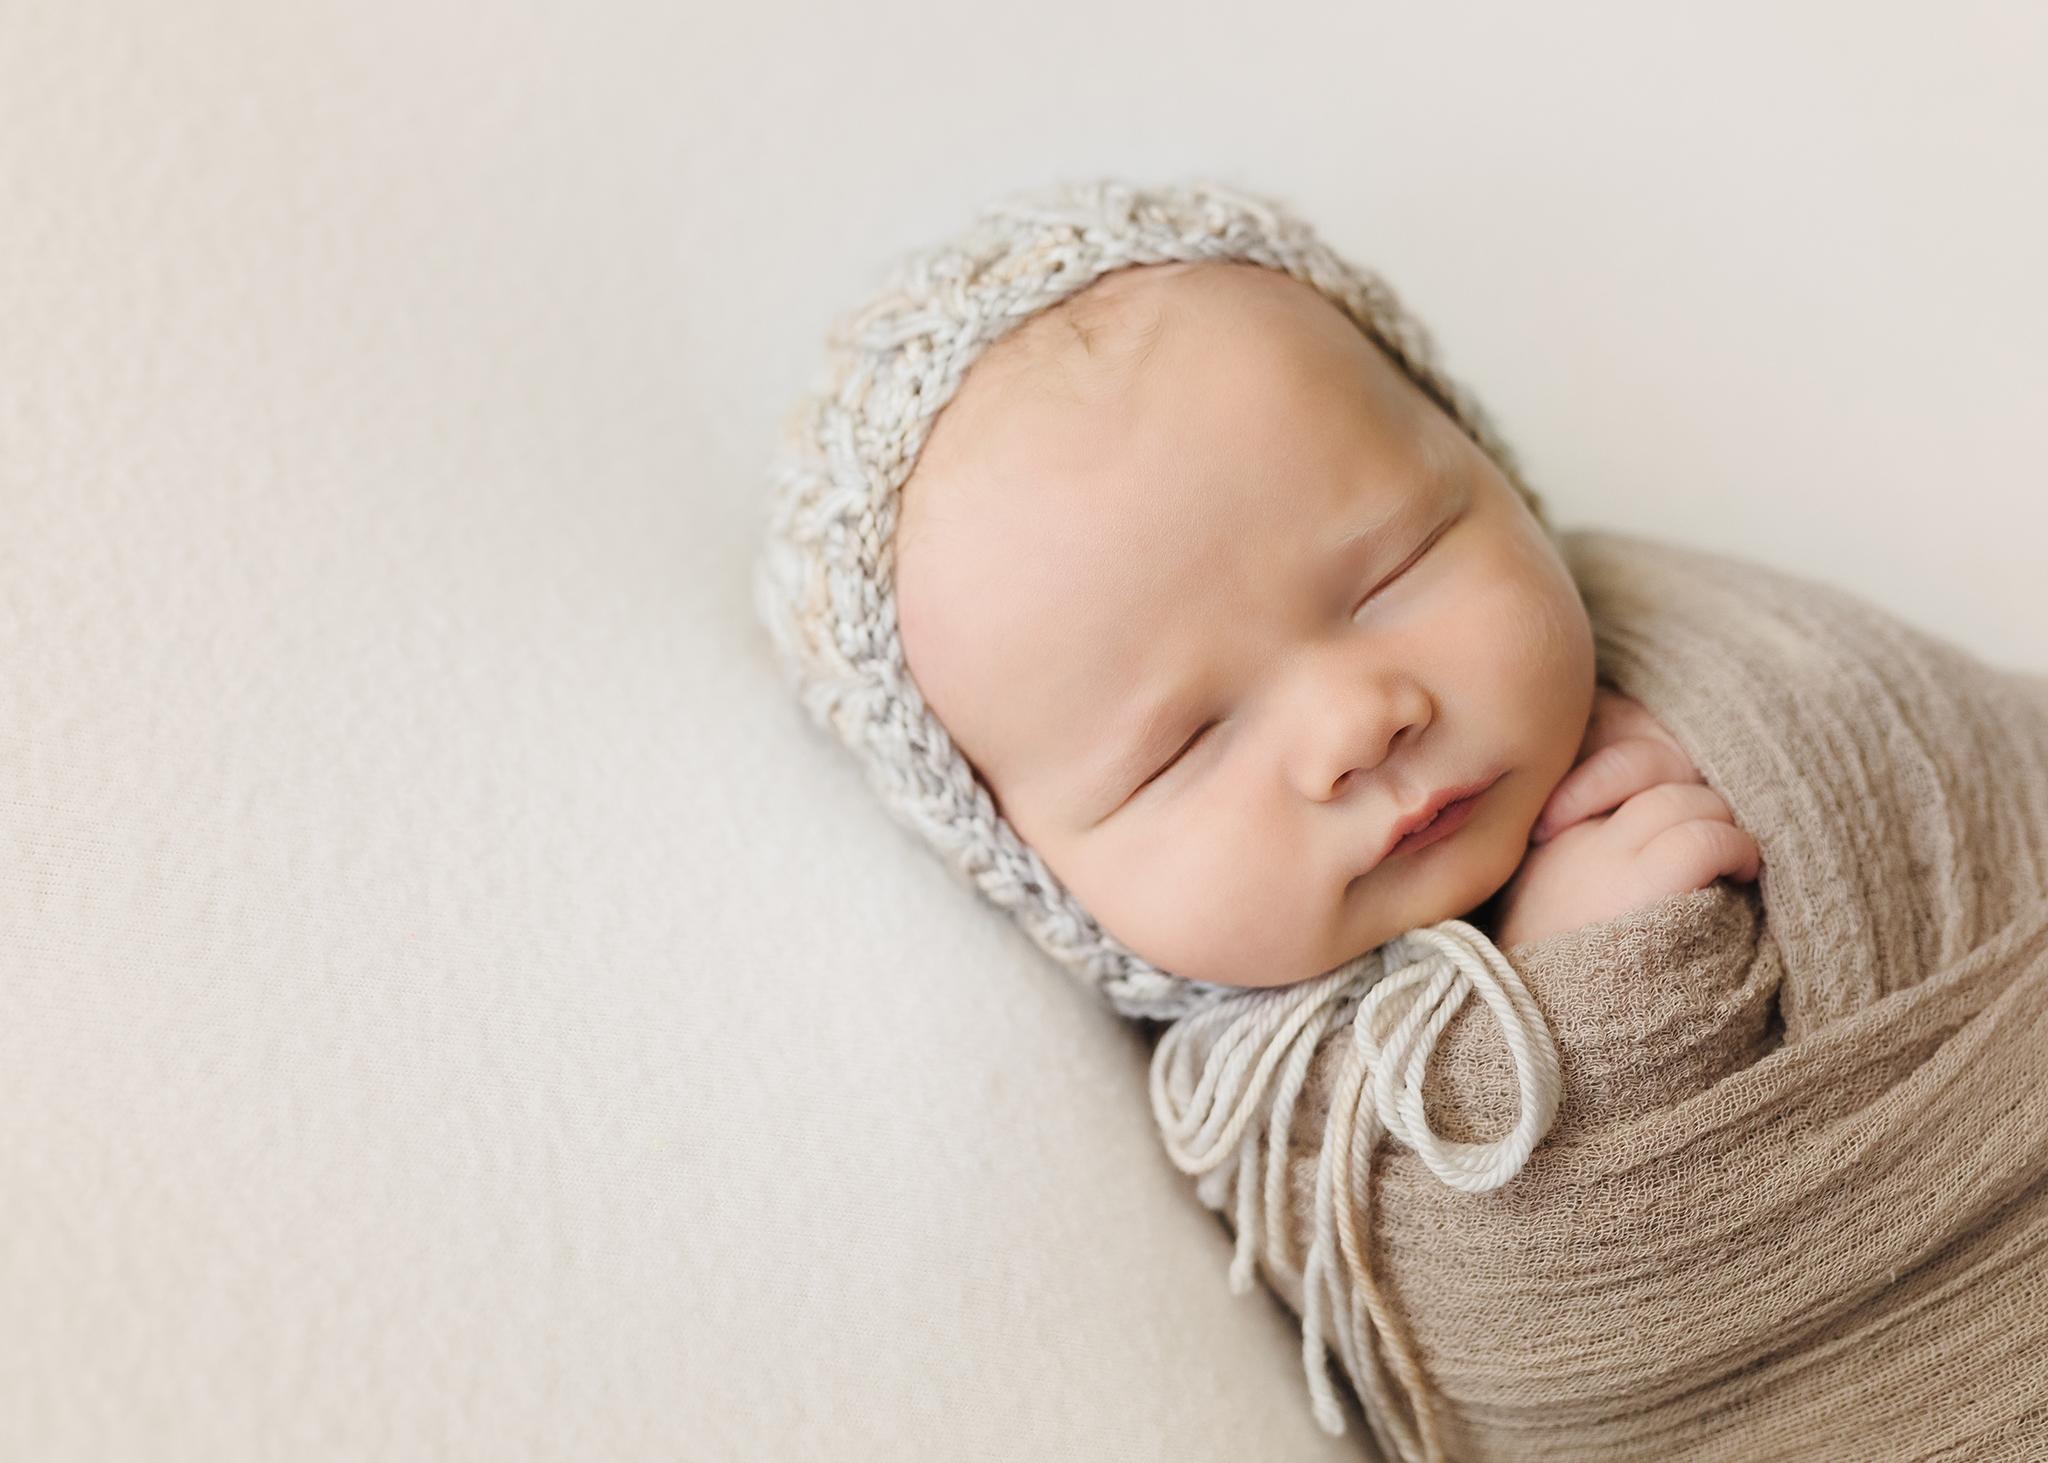 Edmonton Newborn Photographer_Baby Bennett 2019 8.jpg